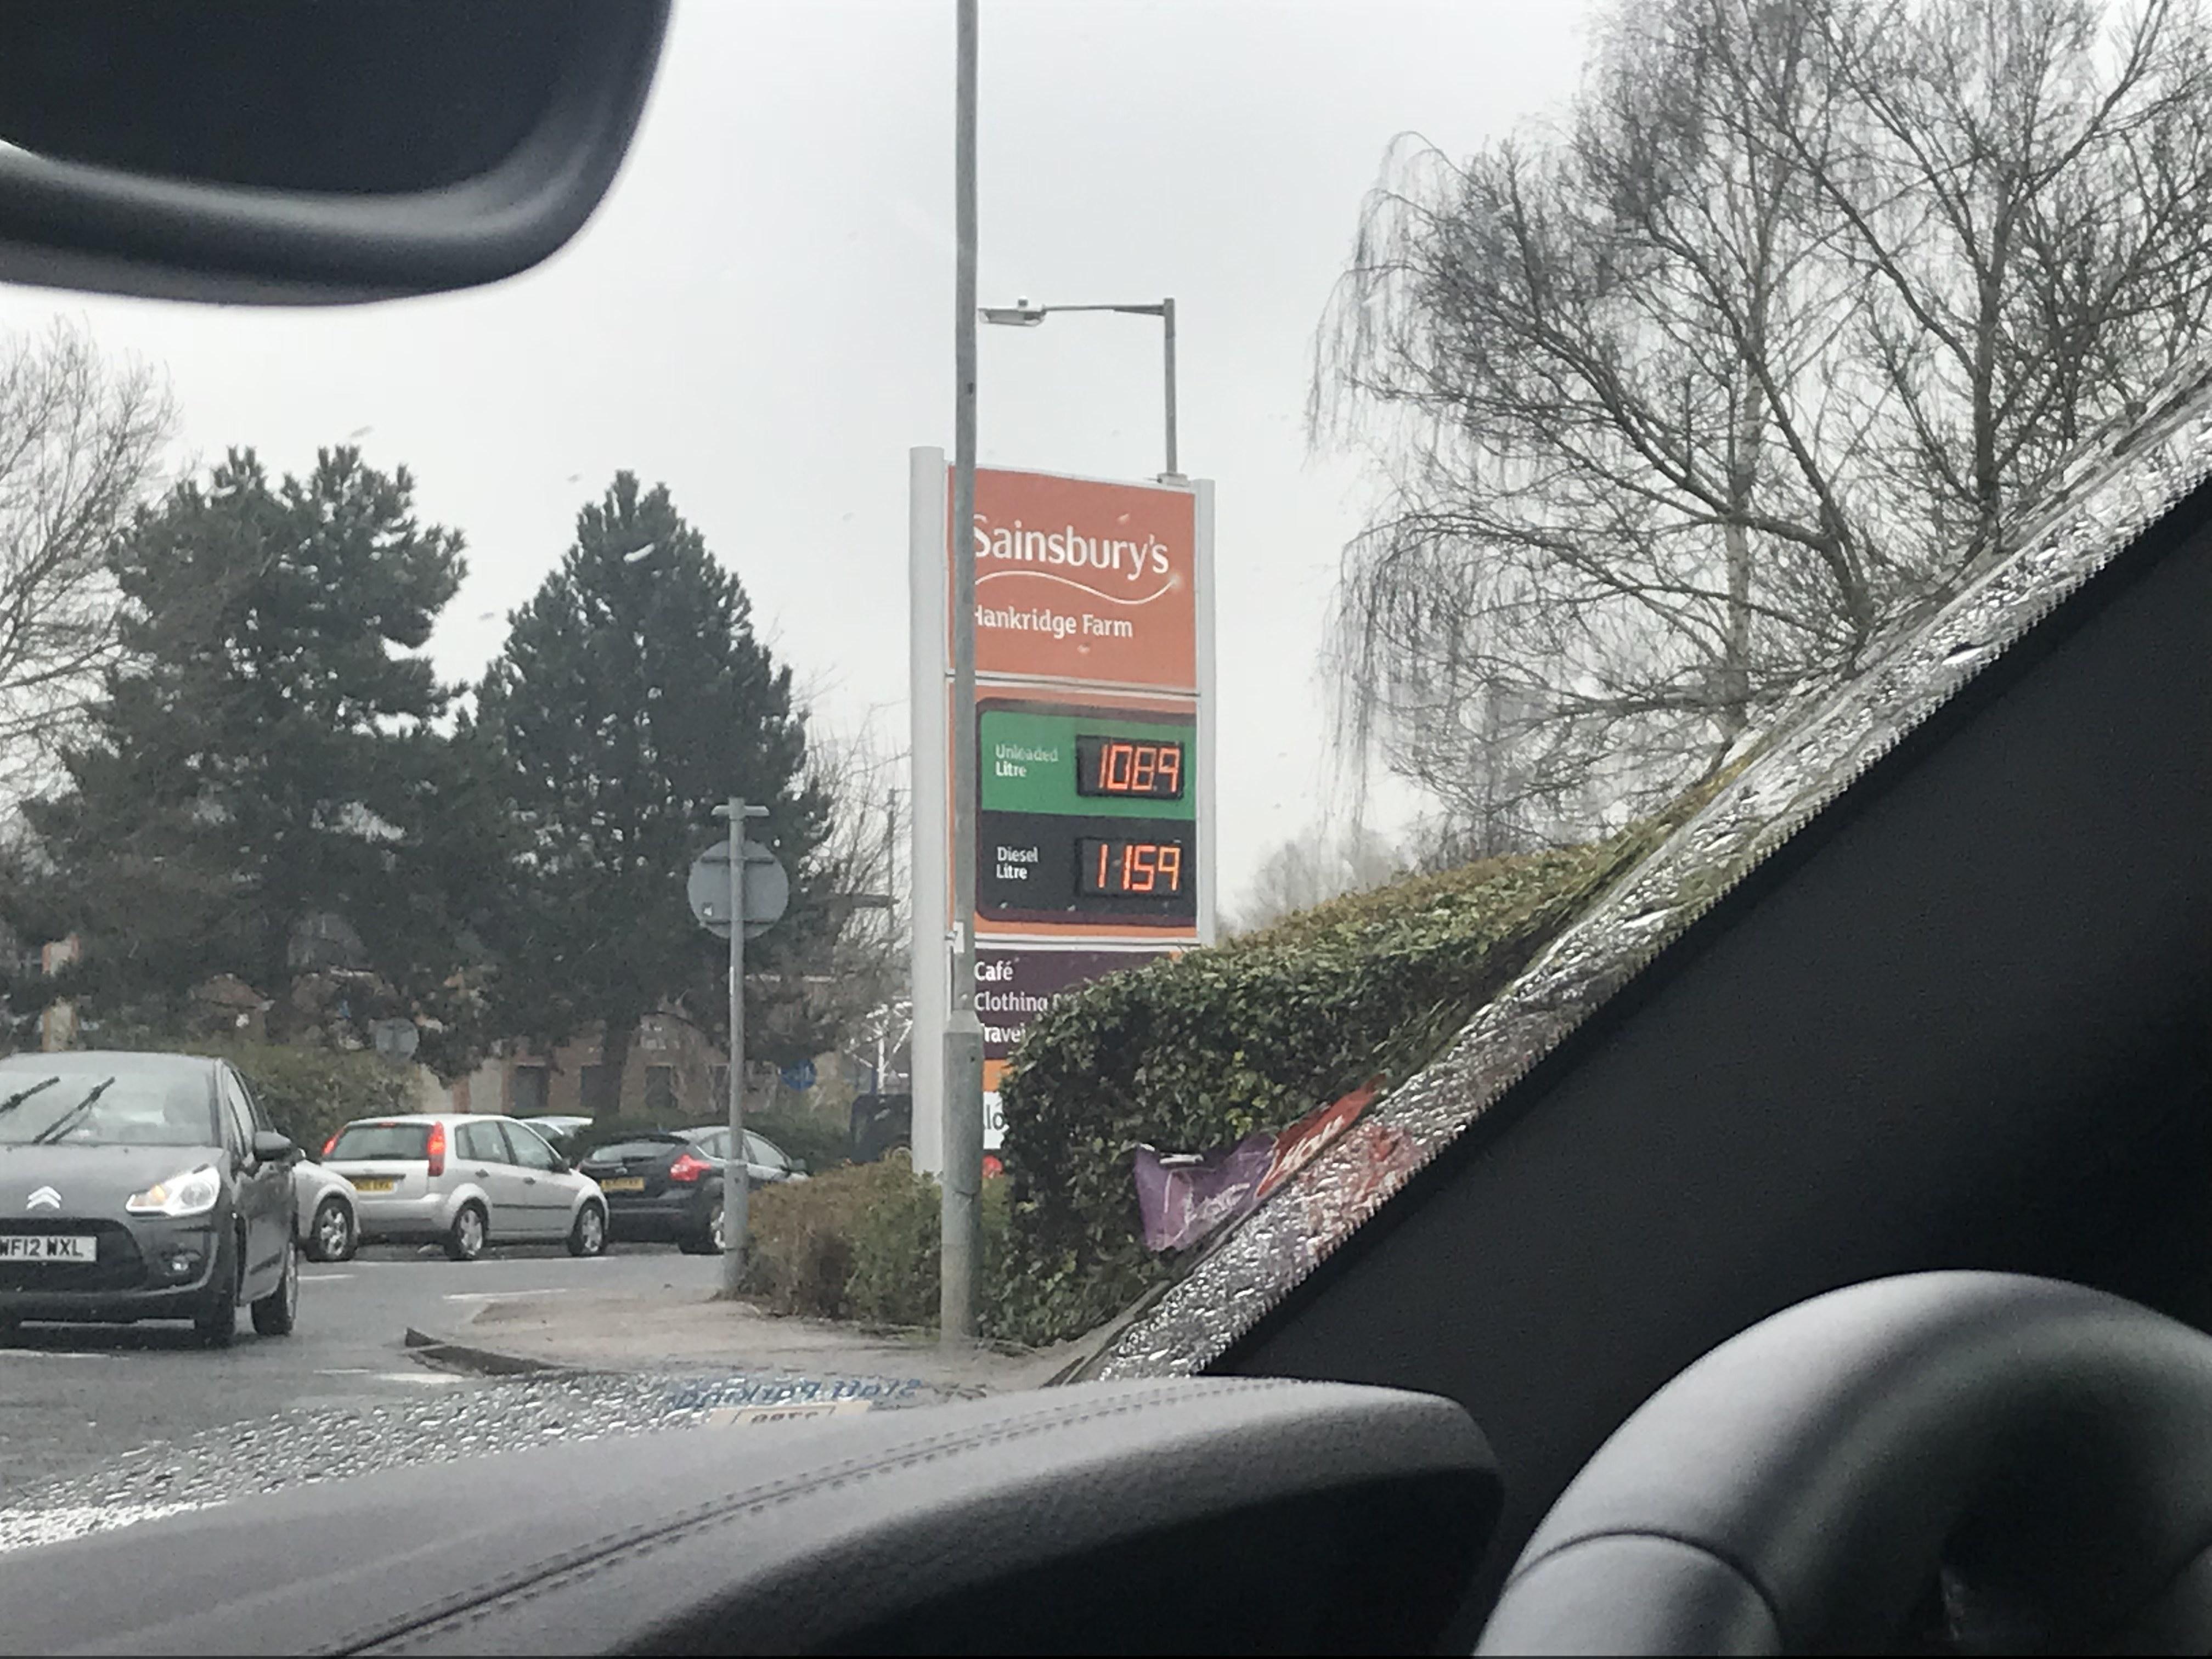 Hankridge Farm Sainsburys petrol 108.9p per litre